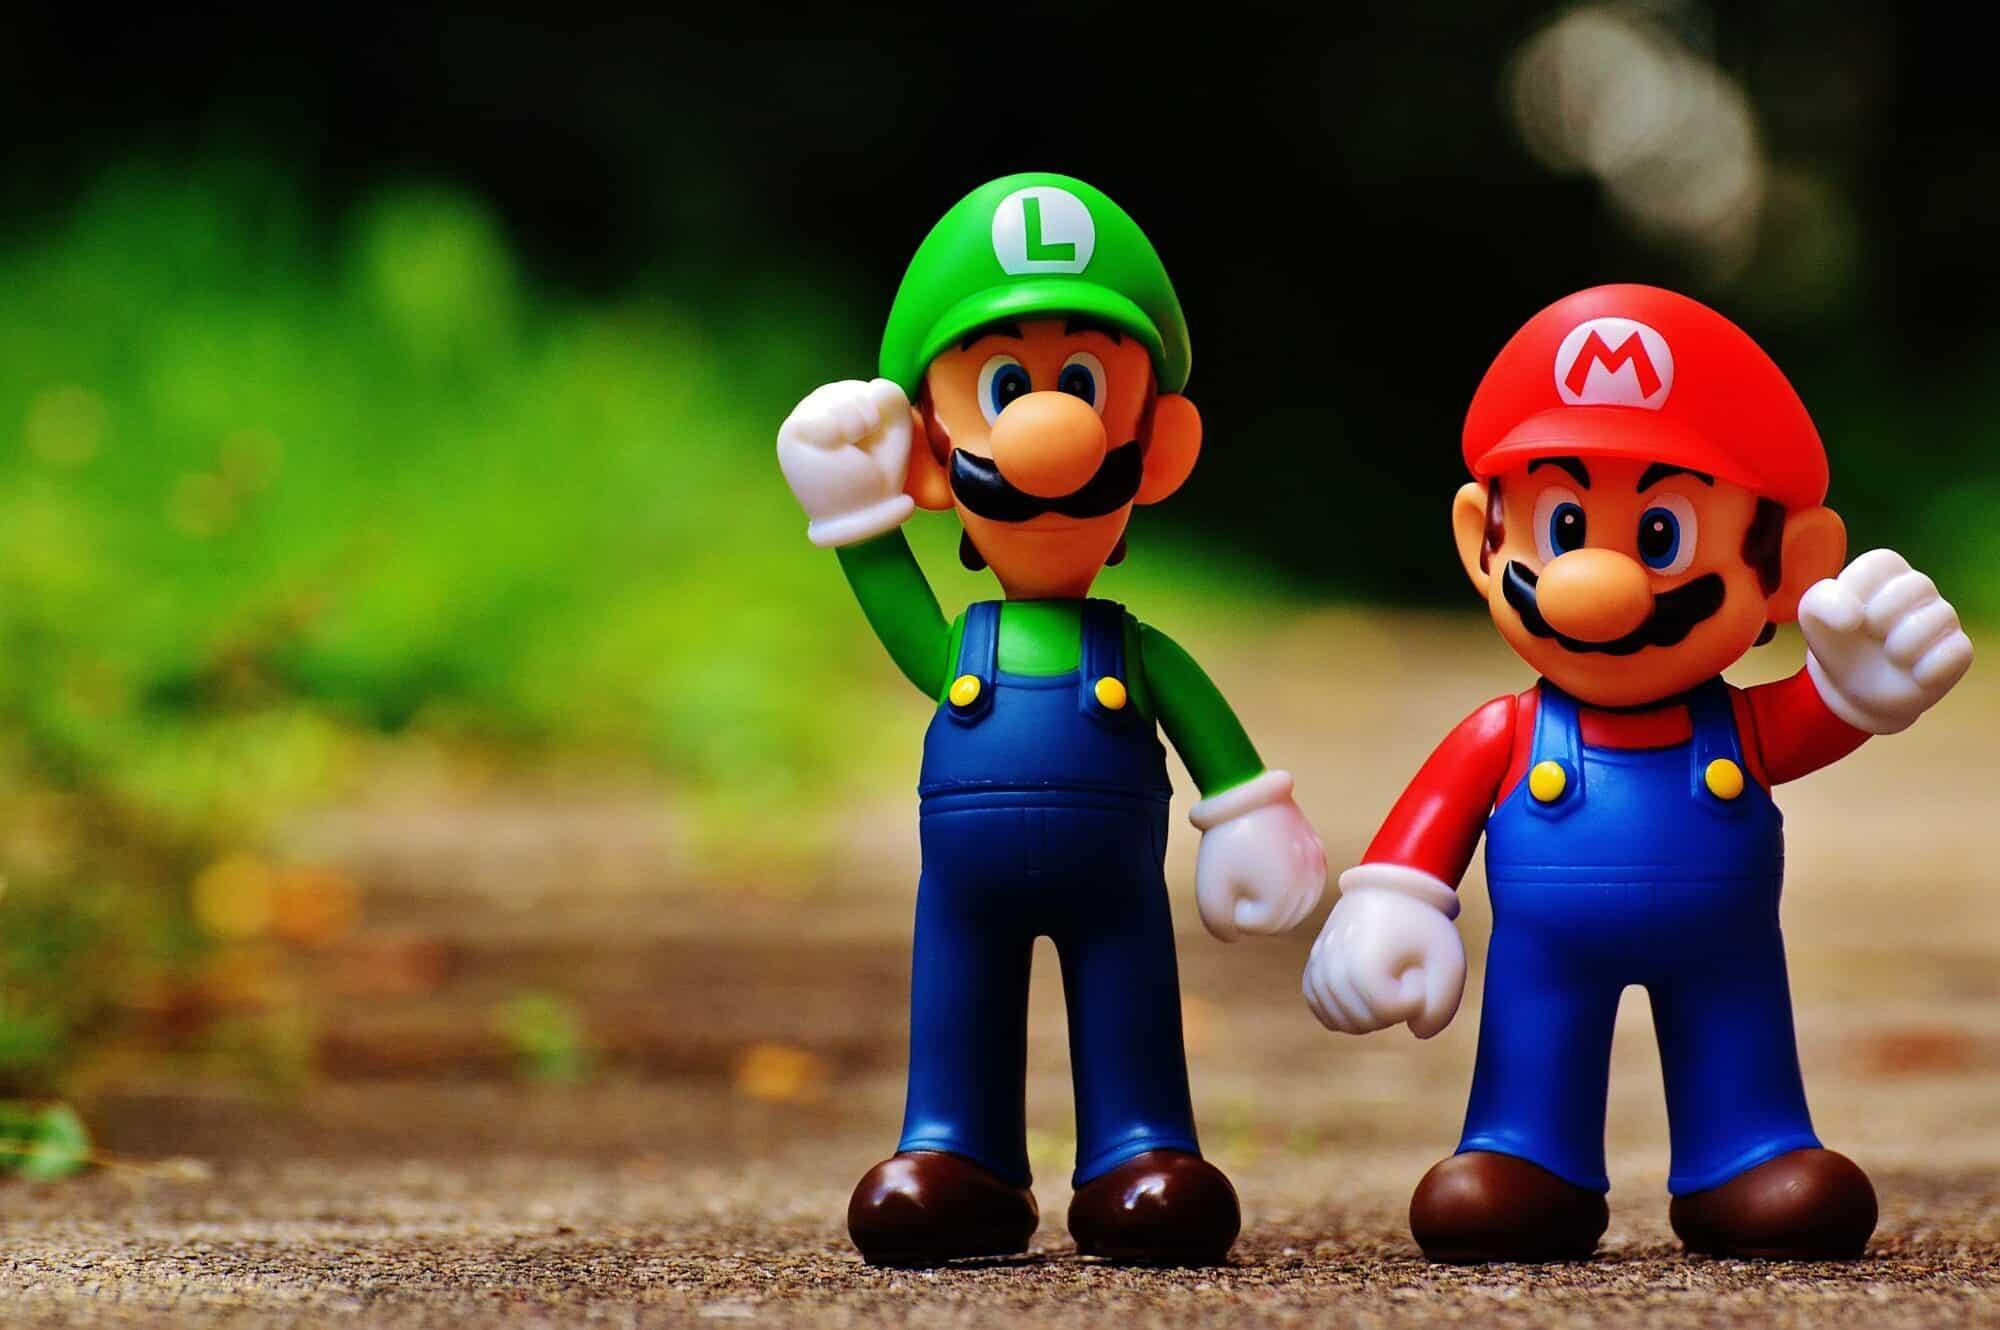 Whatever you grow, save a bro!